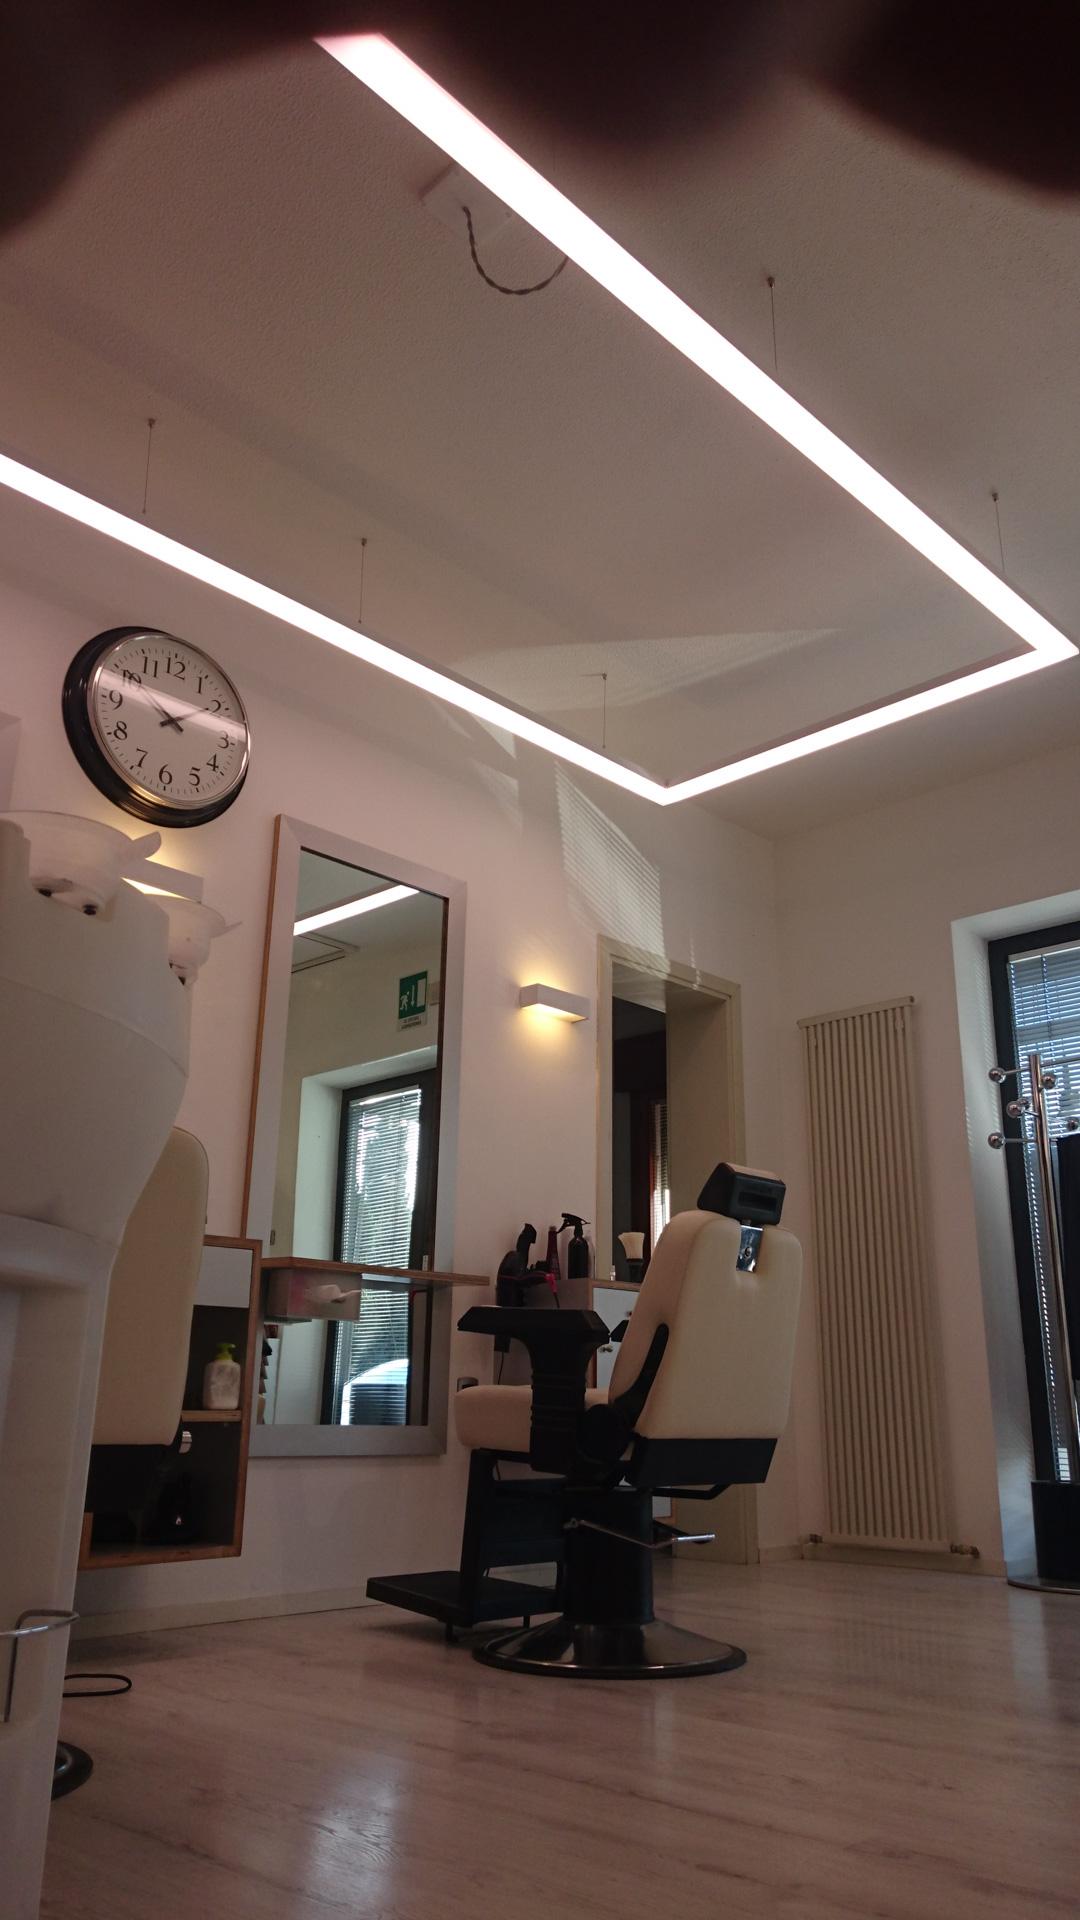 Parrucchiere Enea - Hairdresser Enea